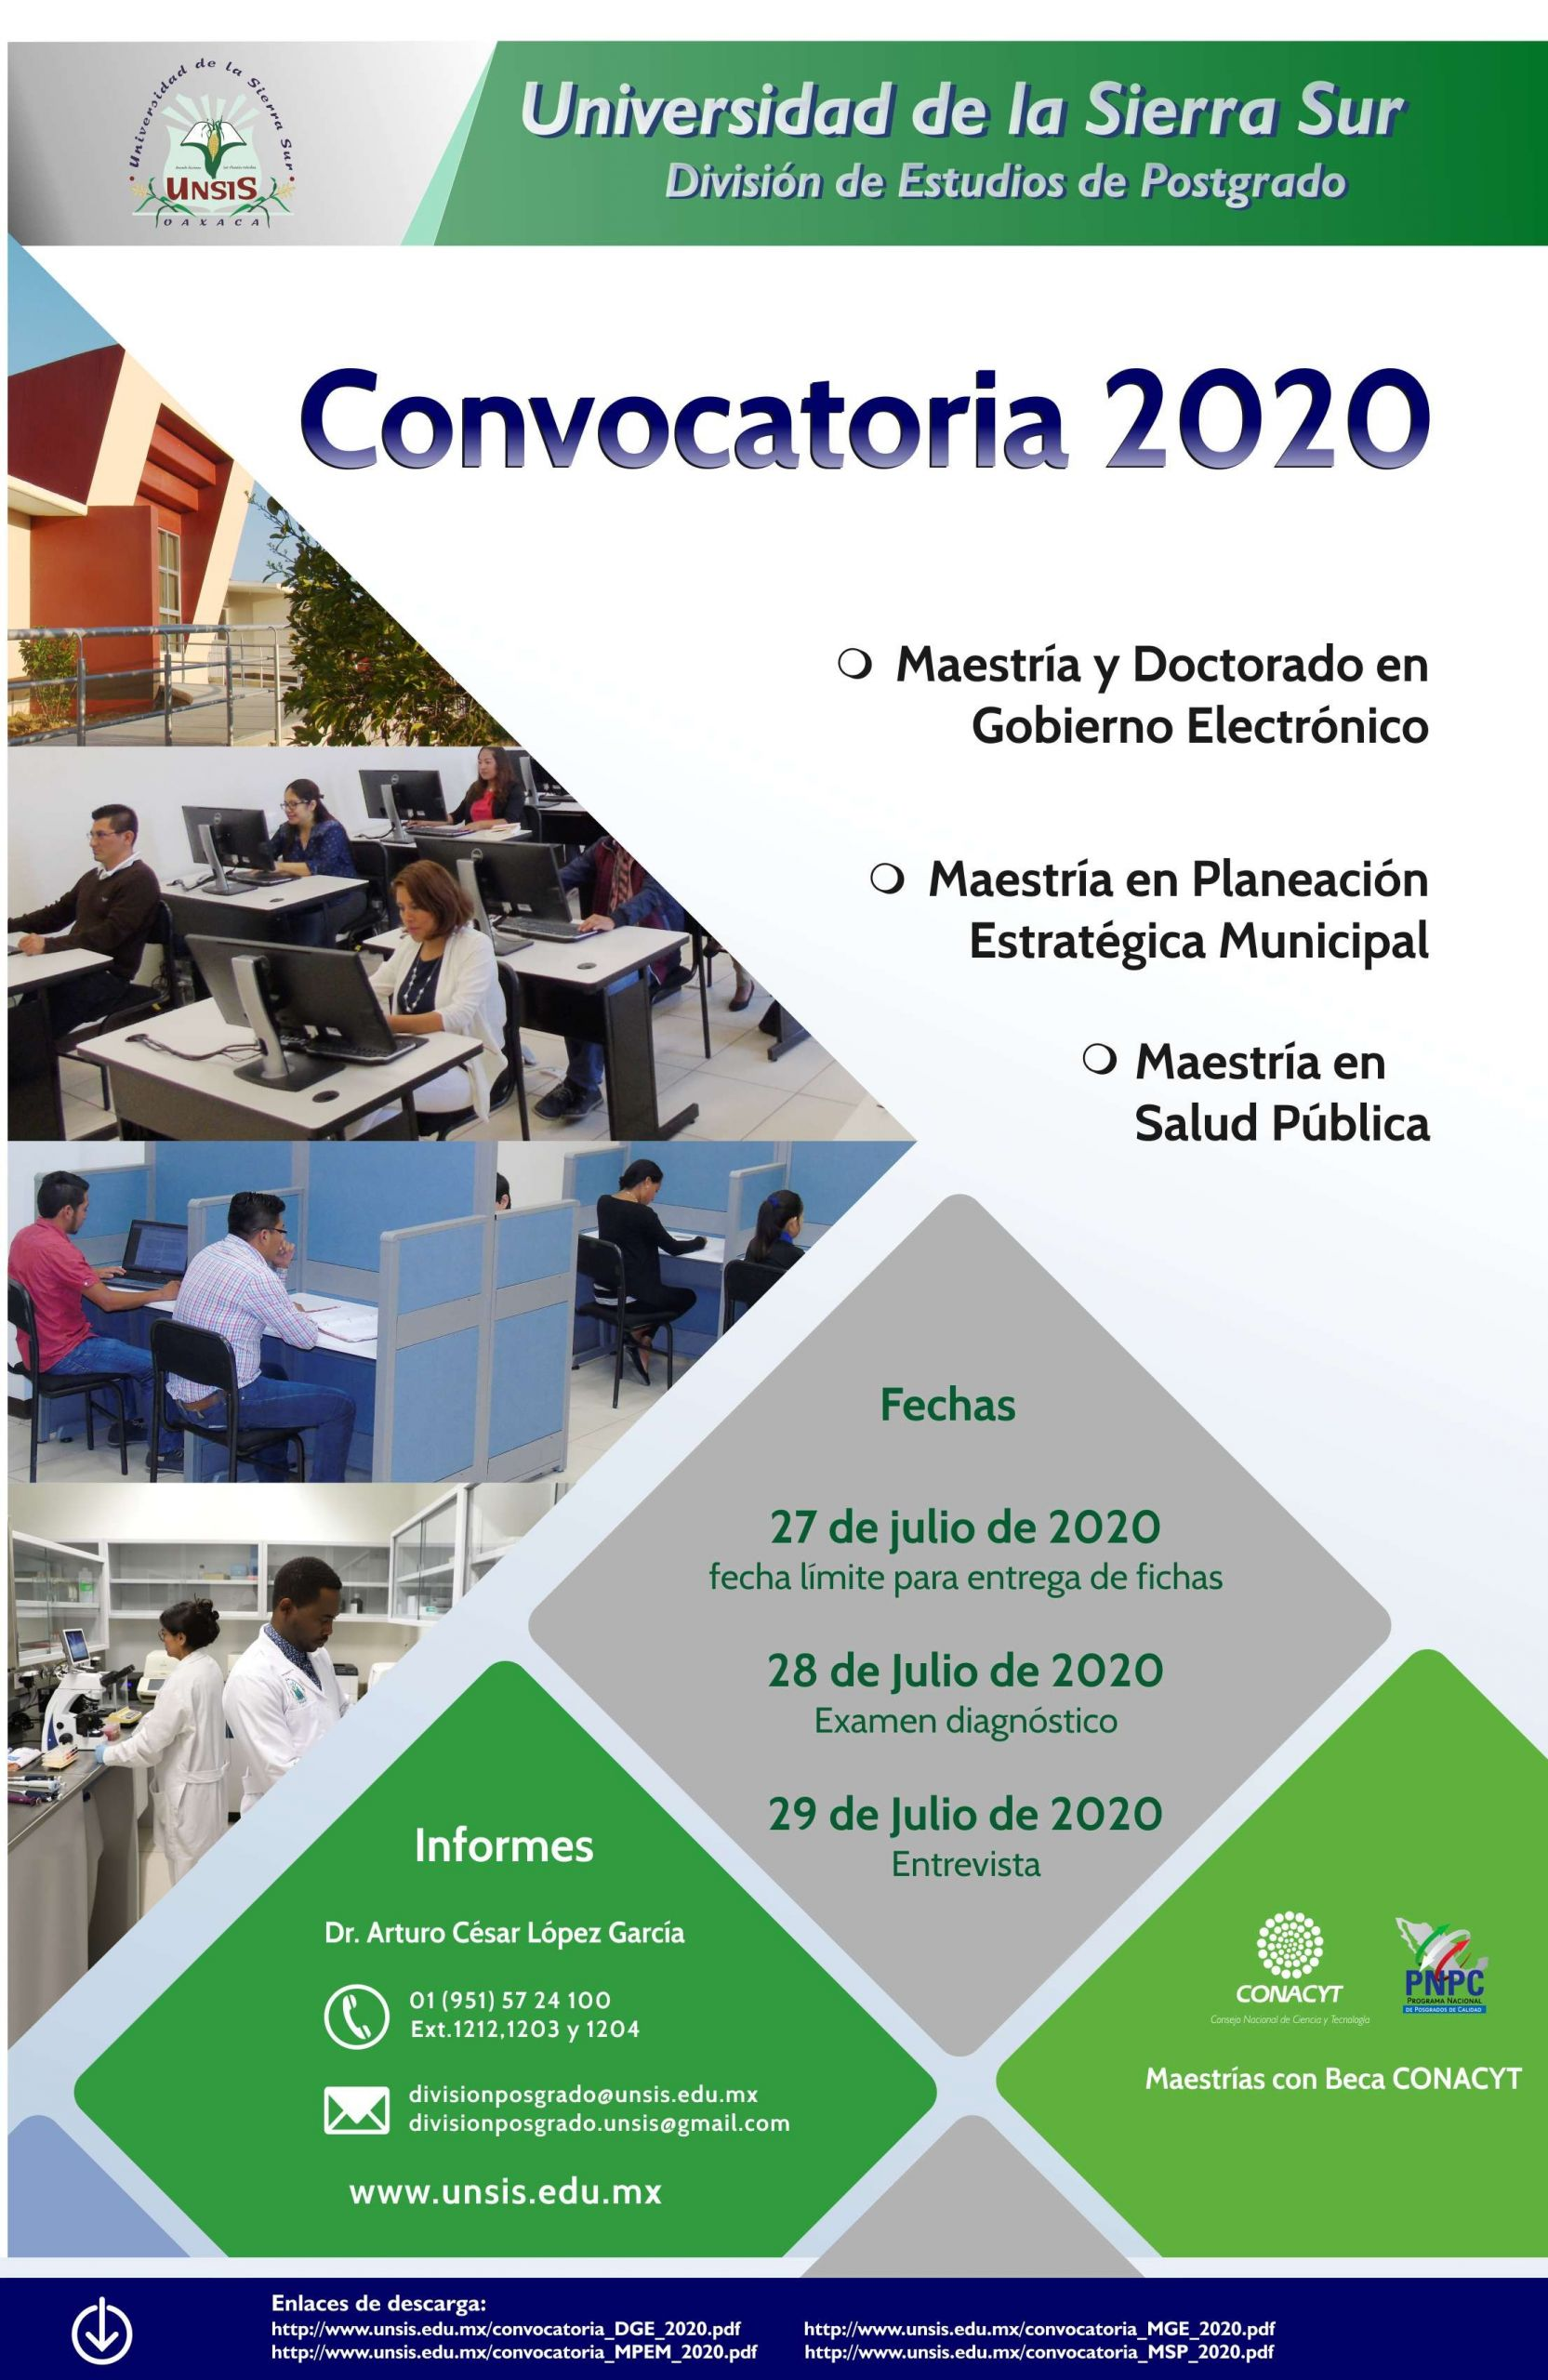 Convocatoria Postgrado 2020